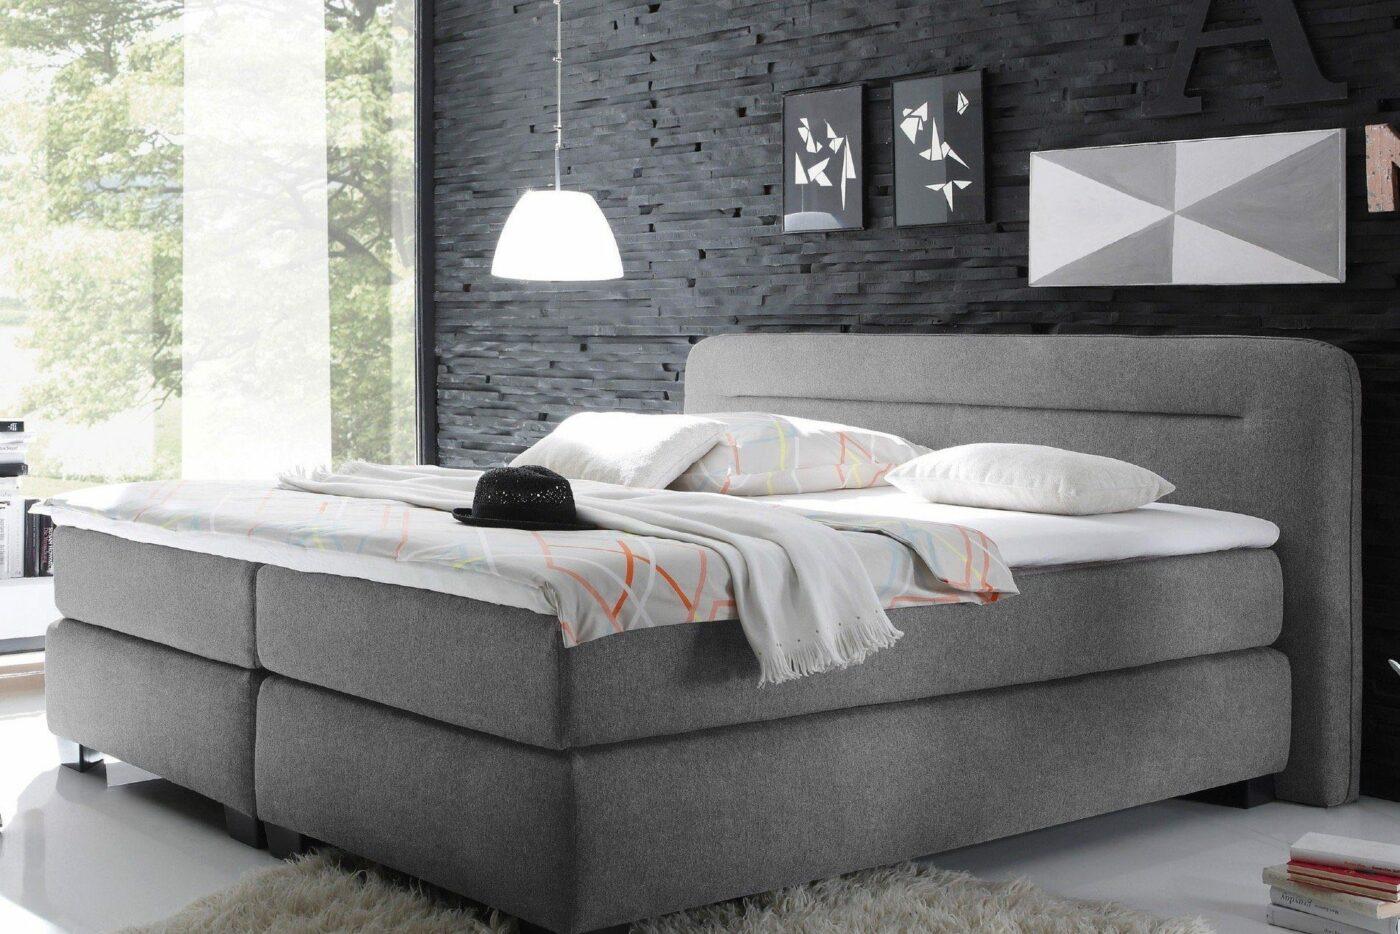 Graues Bett mit Stoffbezug vor dunkler Wand im Schiefer-Look